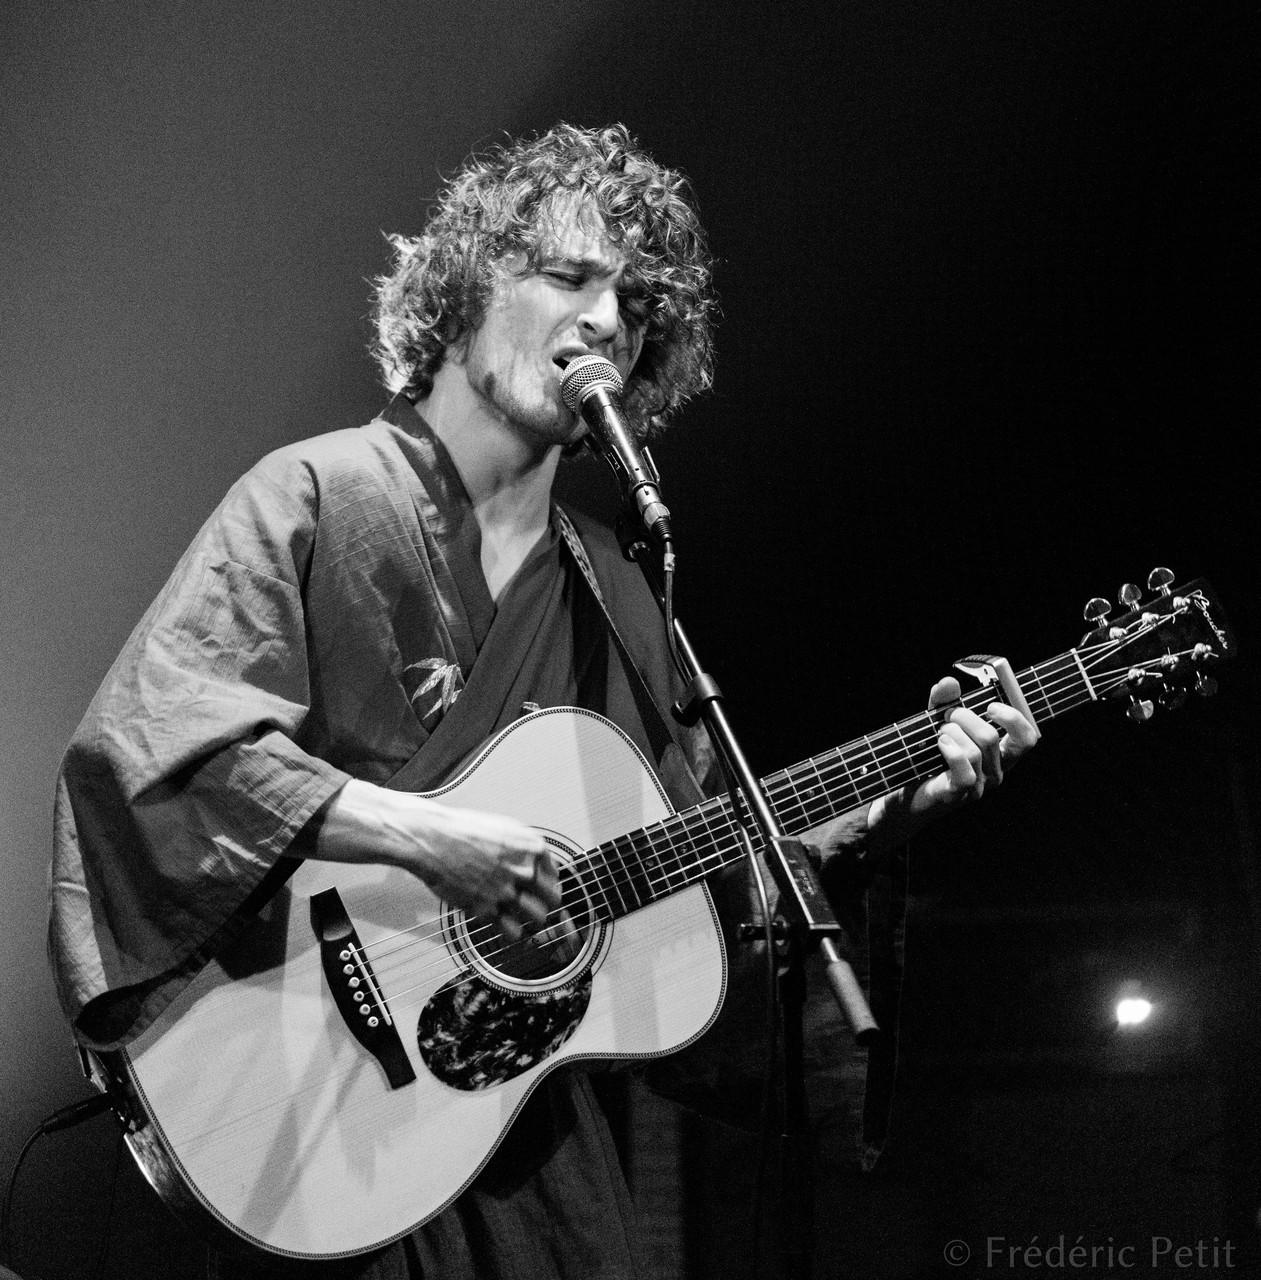 14 mars 2016 - Philippe Brach @ 3 Baudets (Festival « Aah ! Les déferlantes ! »)